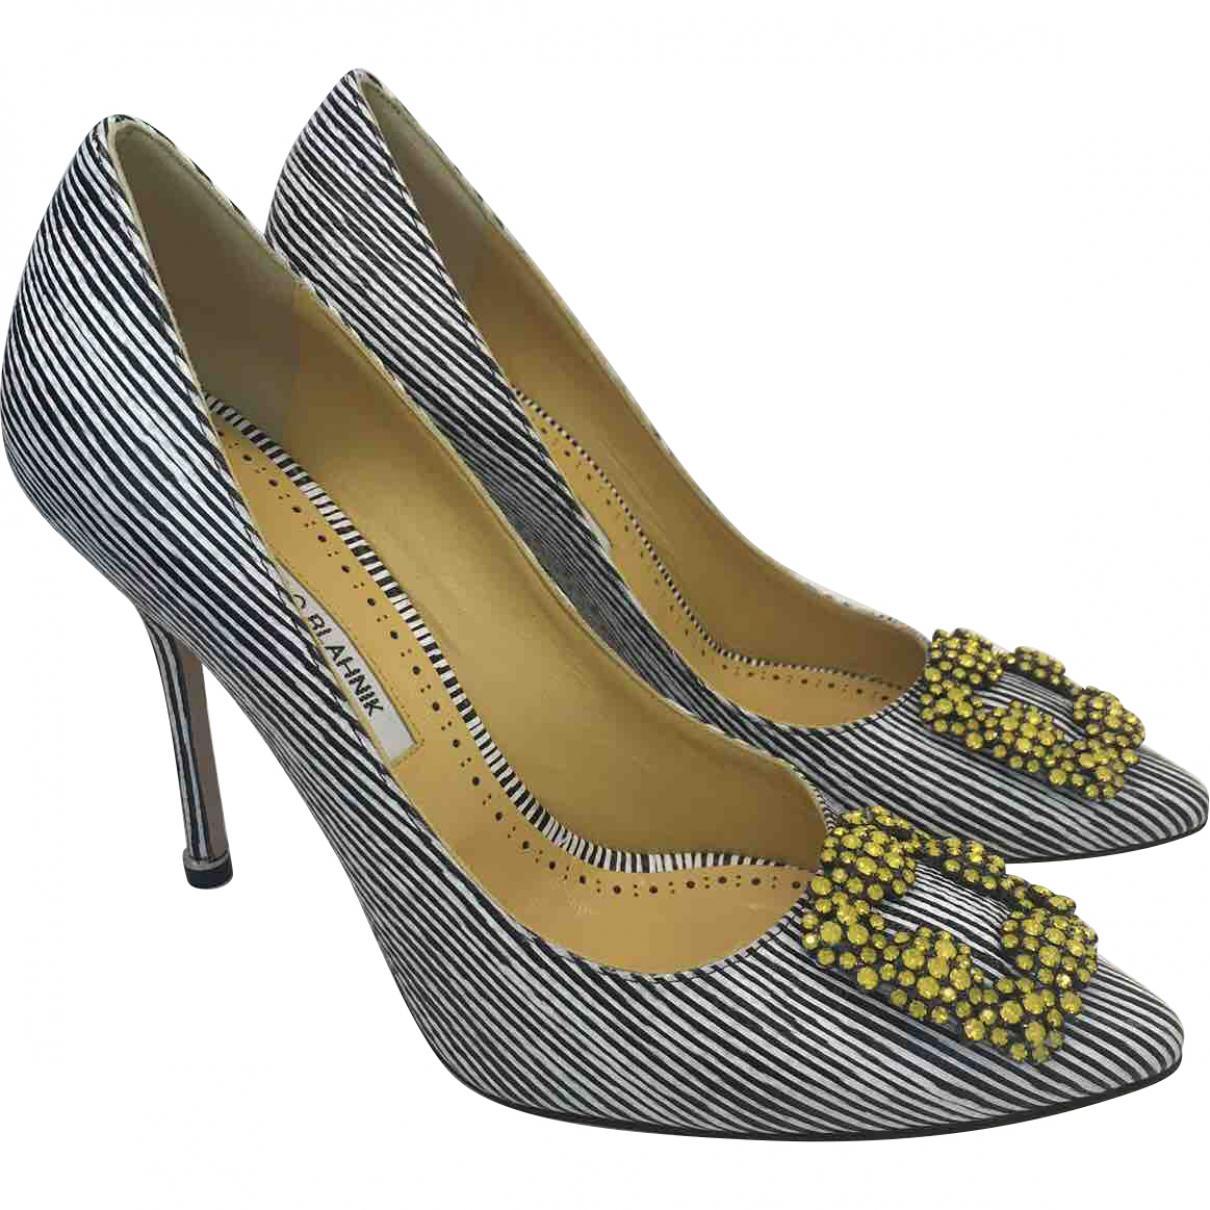 Pre-owned - Hangisi heels Manolo Blahnik IbOr3op0